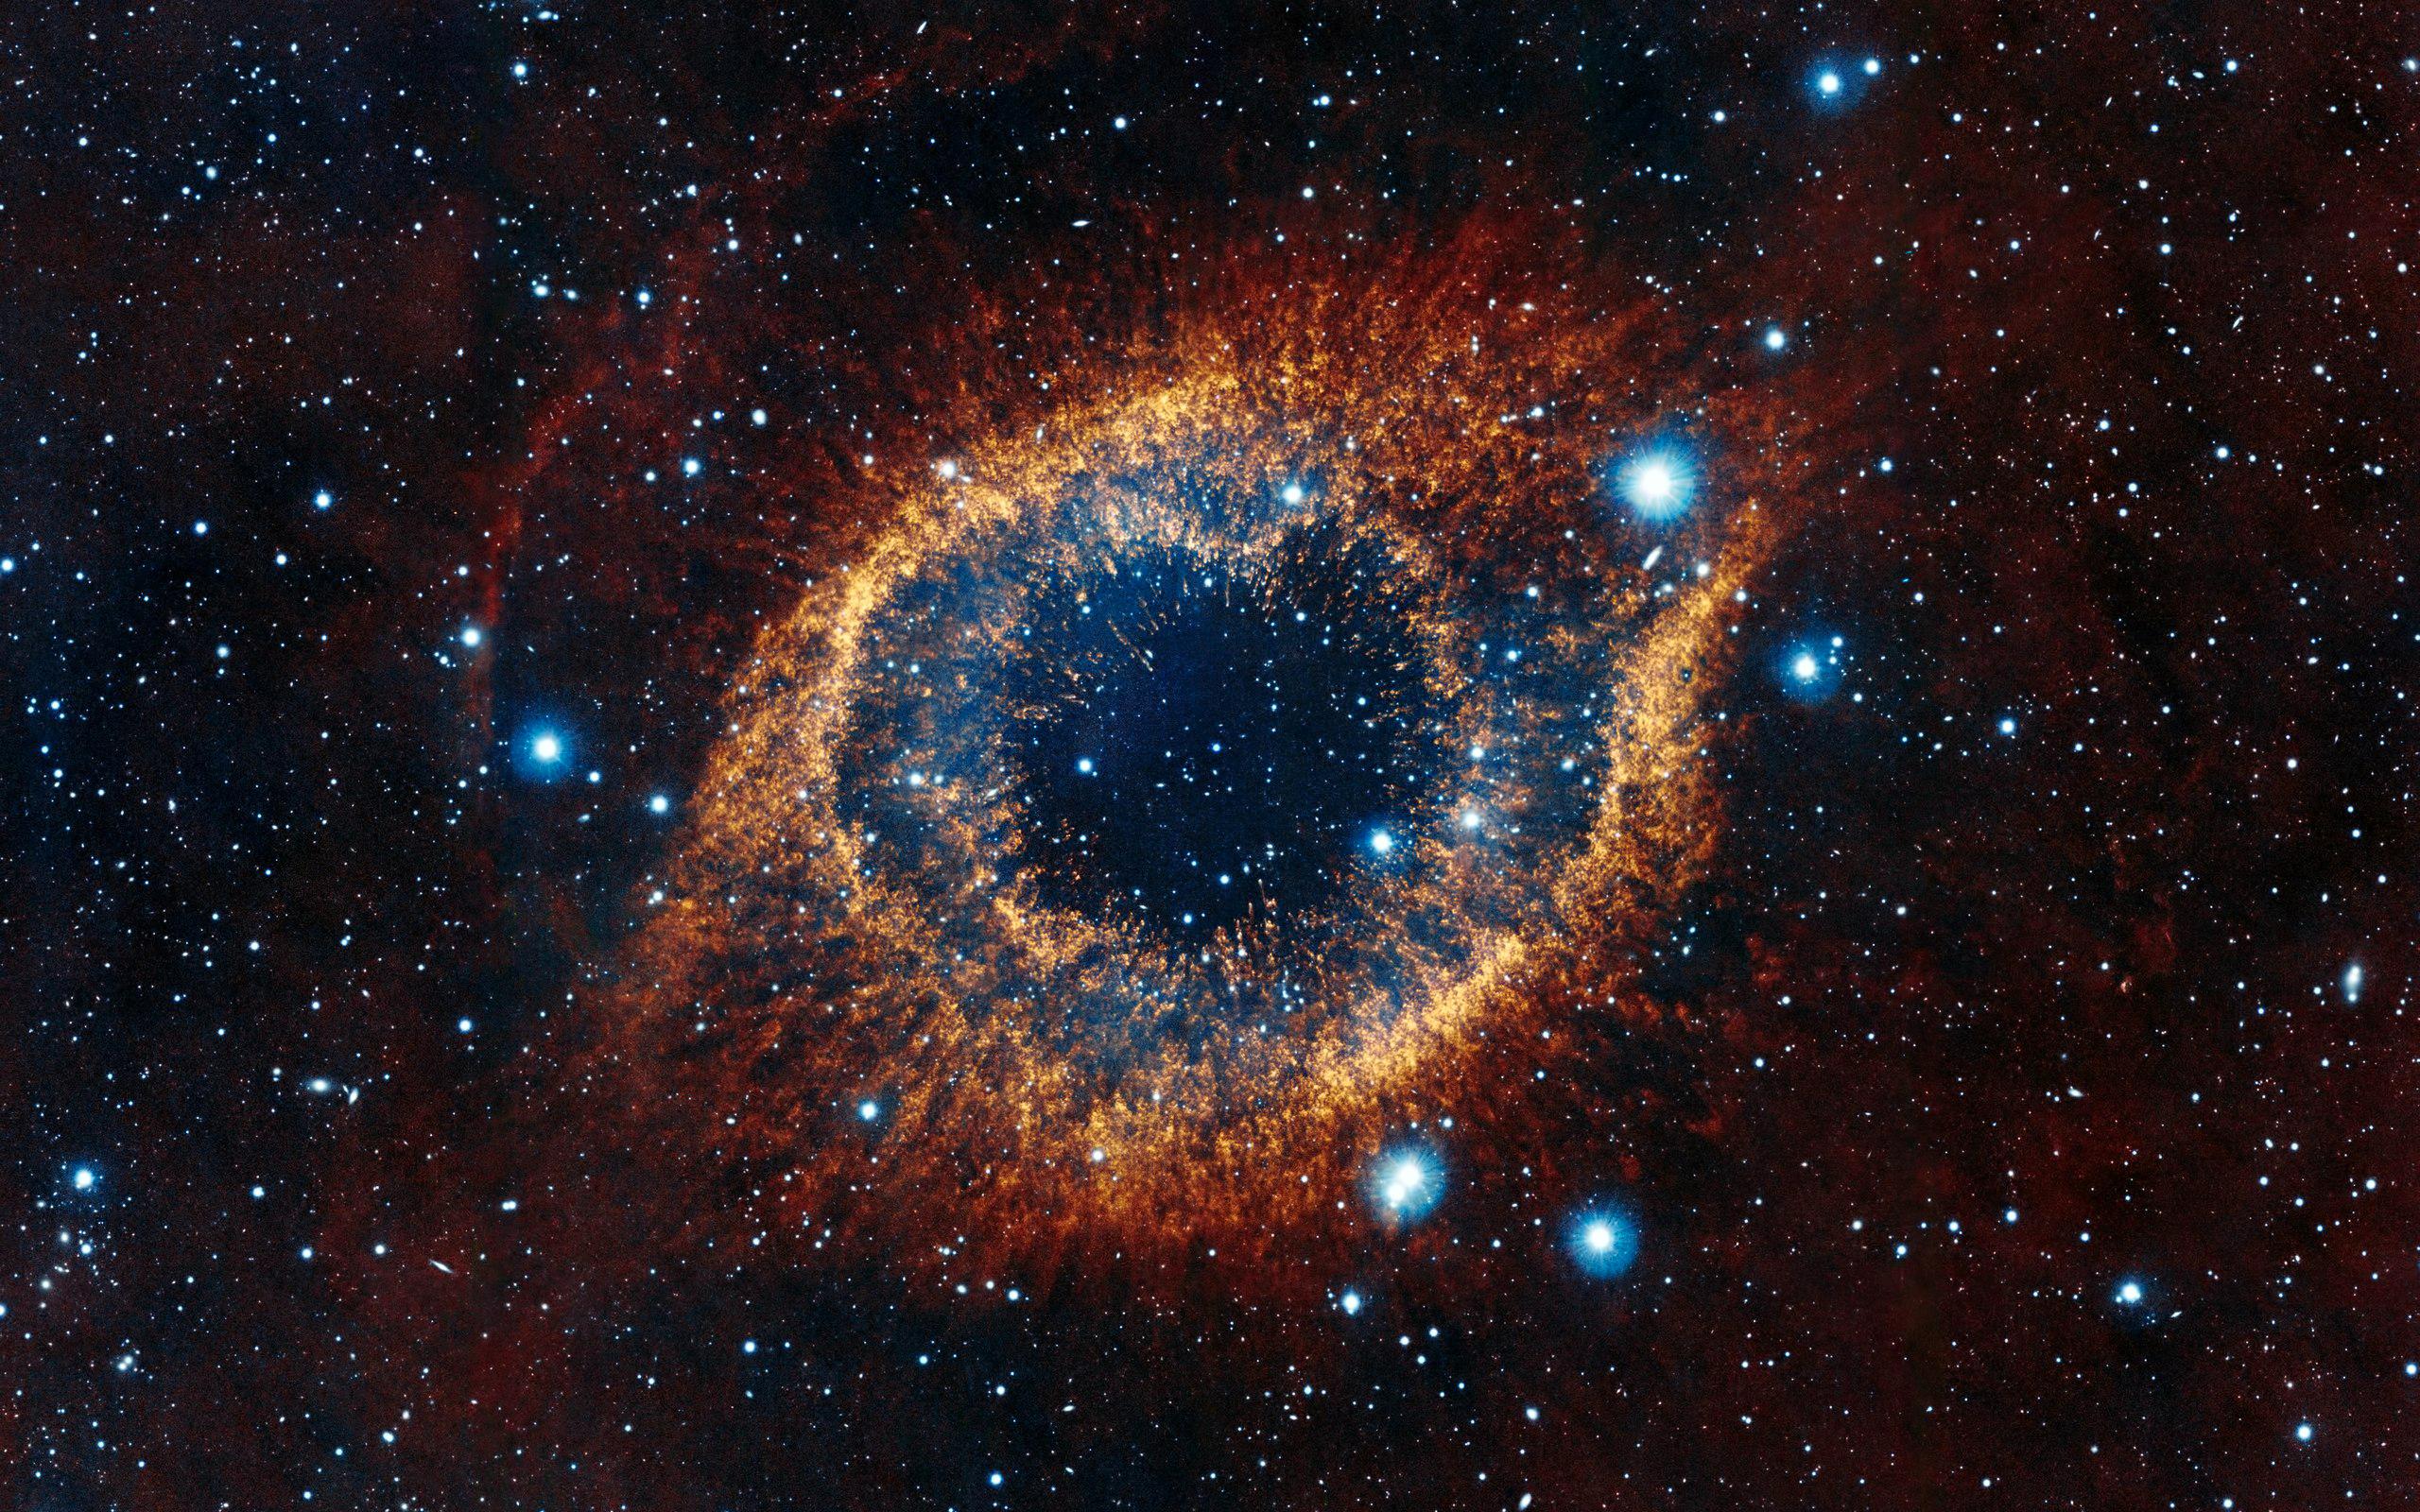 космос, звёзды, туманность